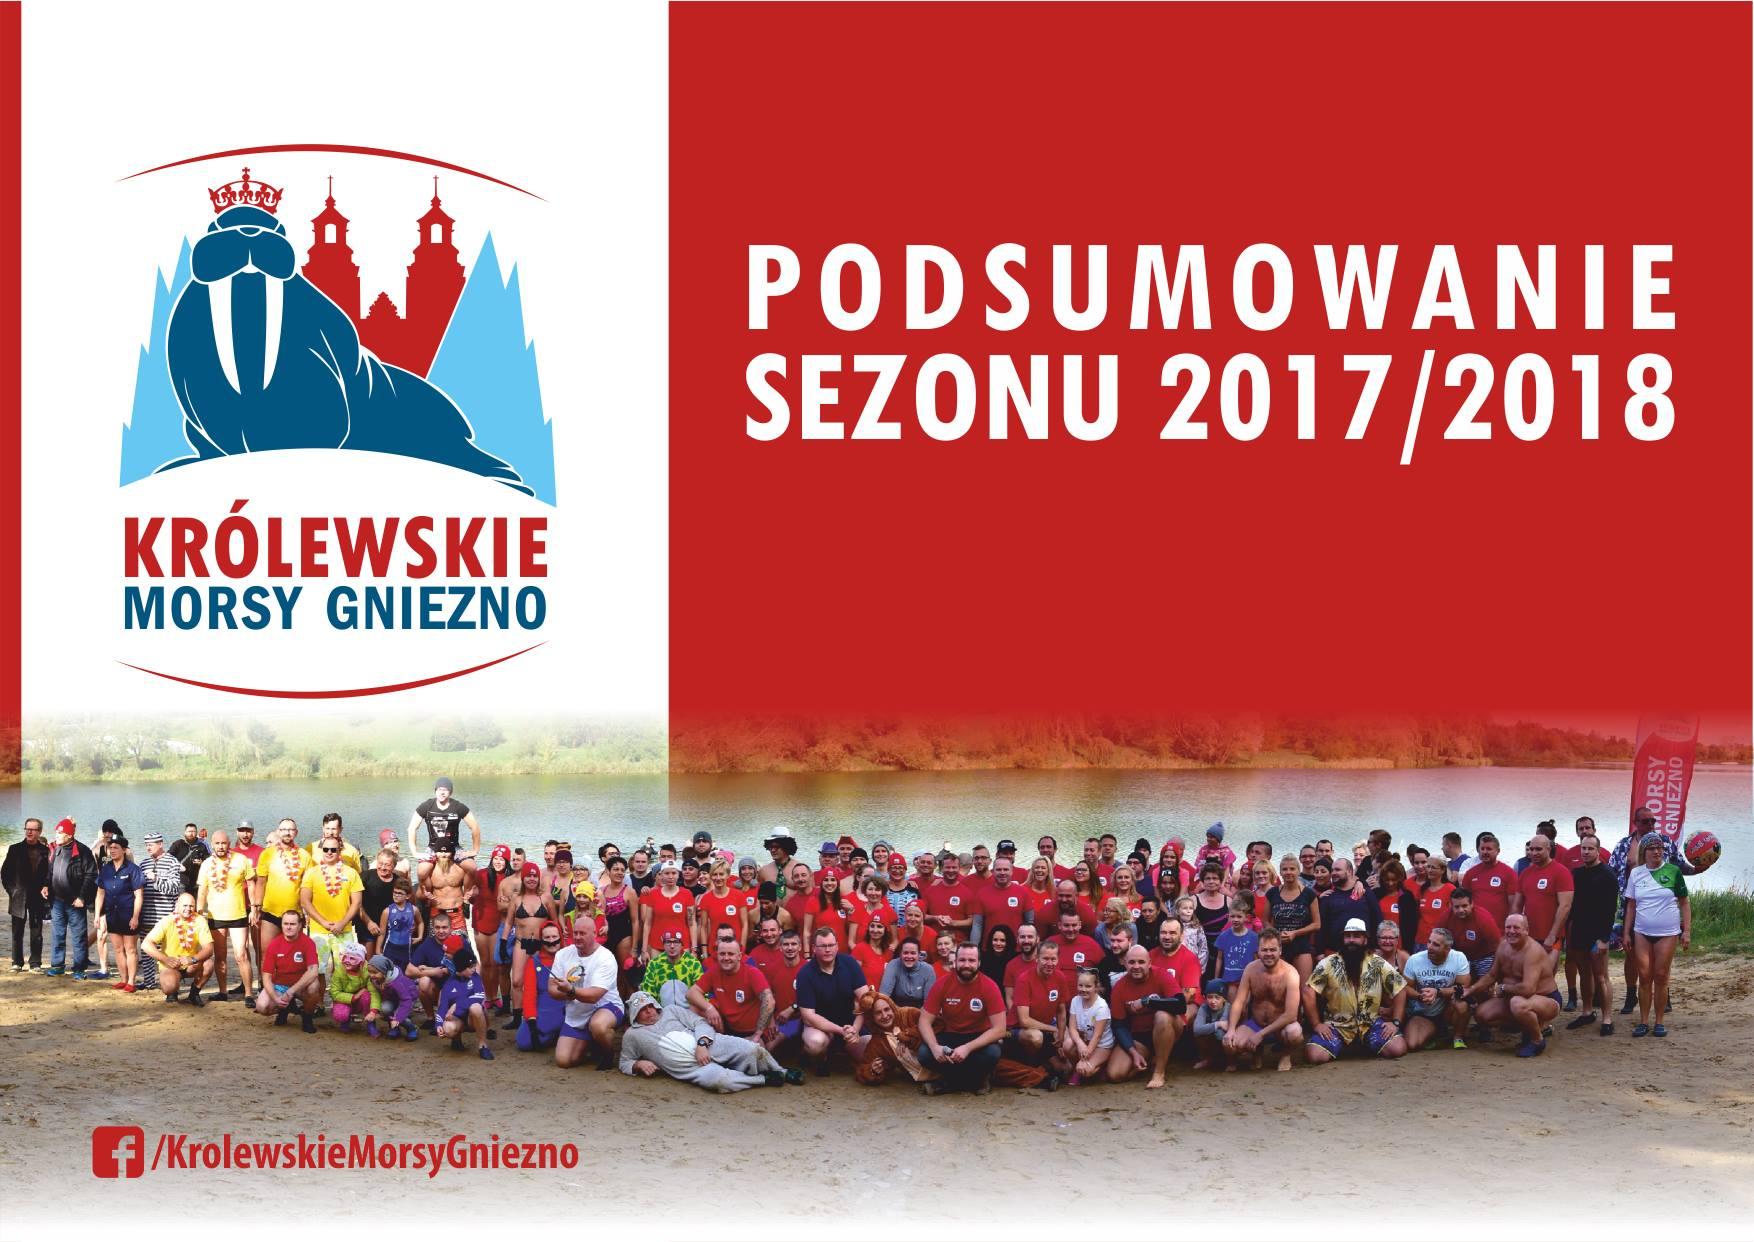 Oficjalne zakończenie sezonu morsowego 2017/2018 w Gnieźnie za nami! Czas na krótkie podsumowanie :)